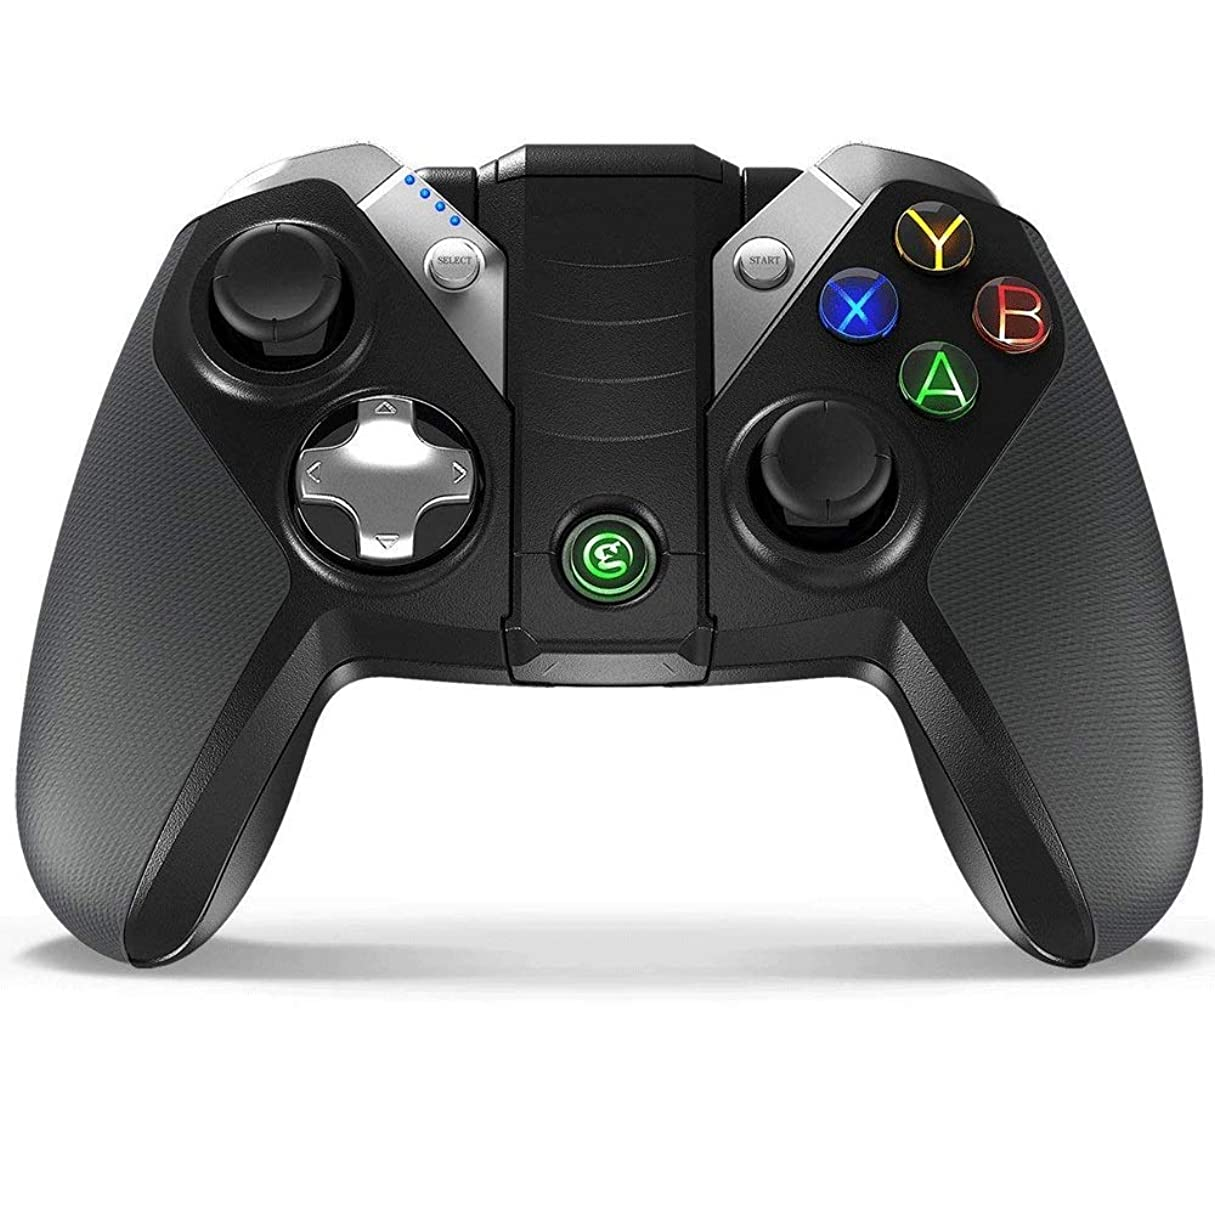 投資する調子ユーモラスBluetoothゲームコントローラ2.4GhzワイヤレスゲームパッドとAndroidスマートフォンTablet / PC Windows / PS3 / Steam/Steam Link/T